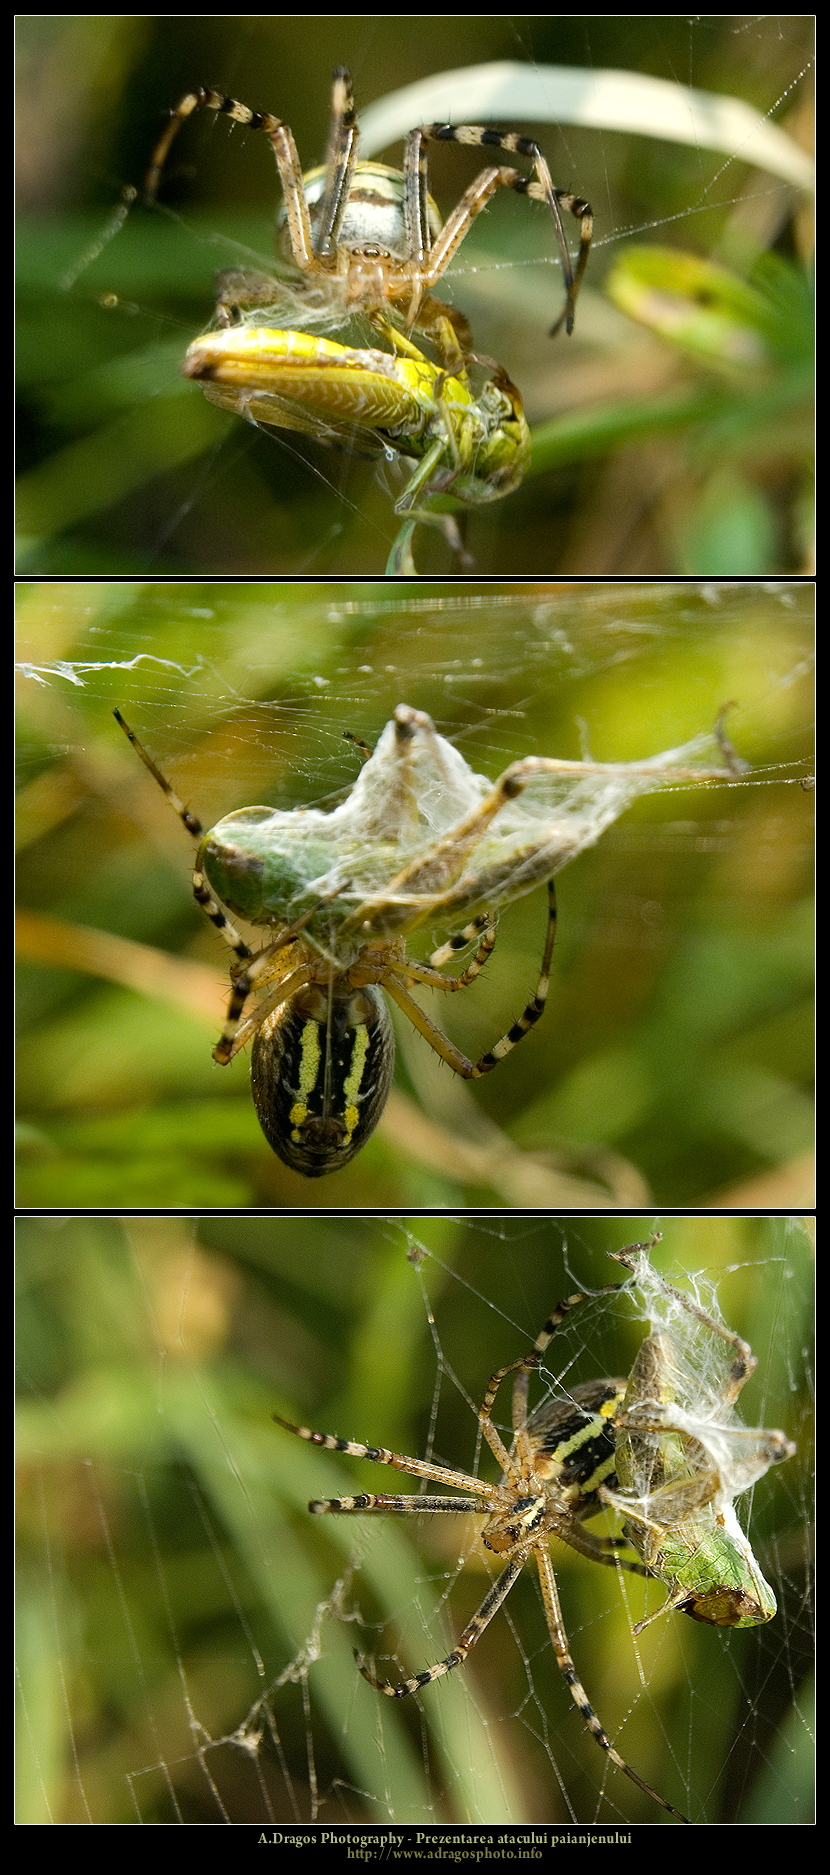 prezentarea-atacului-paianjenului-1